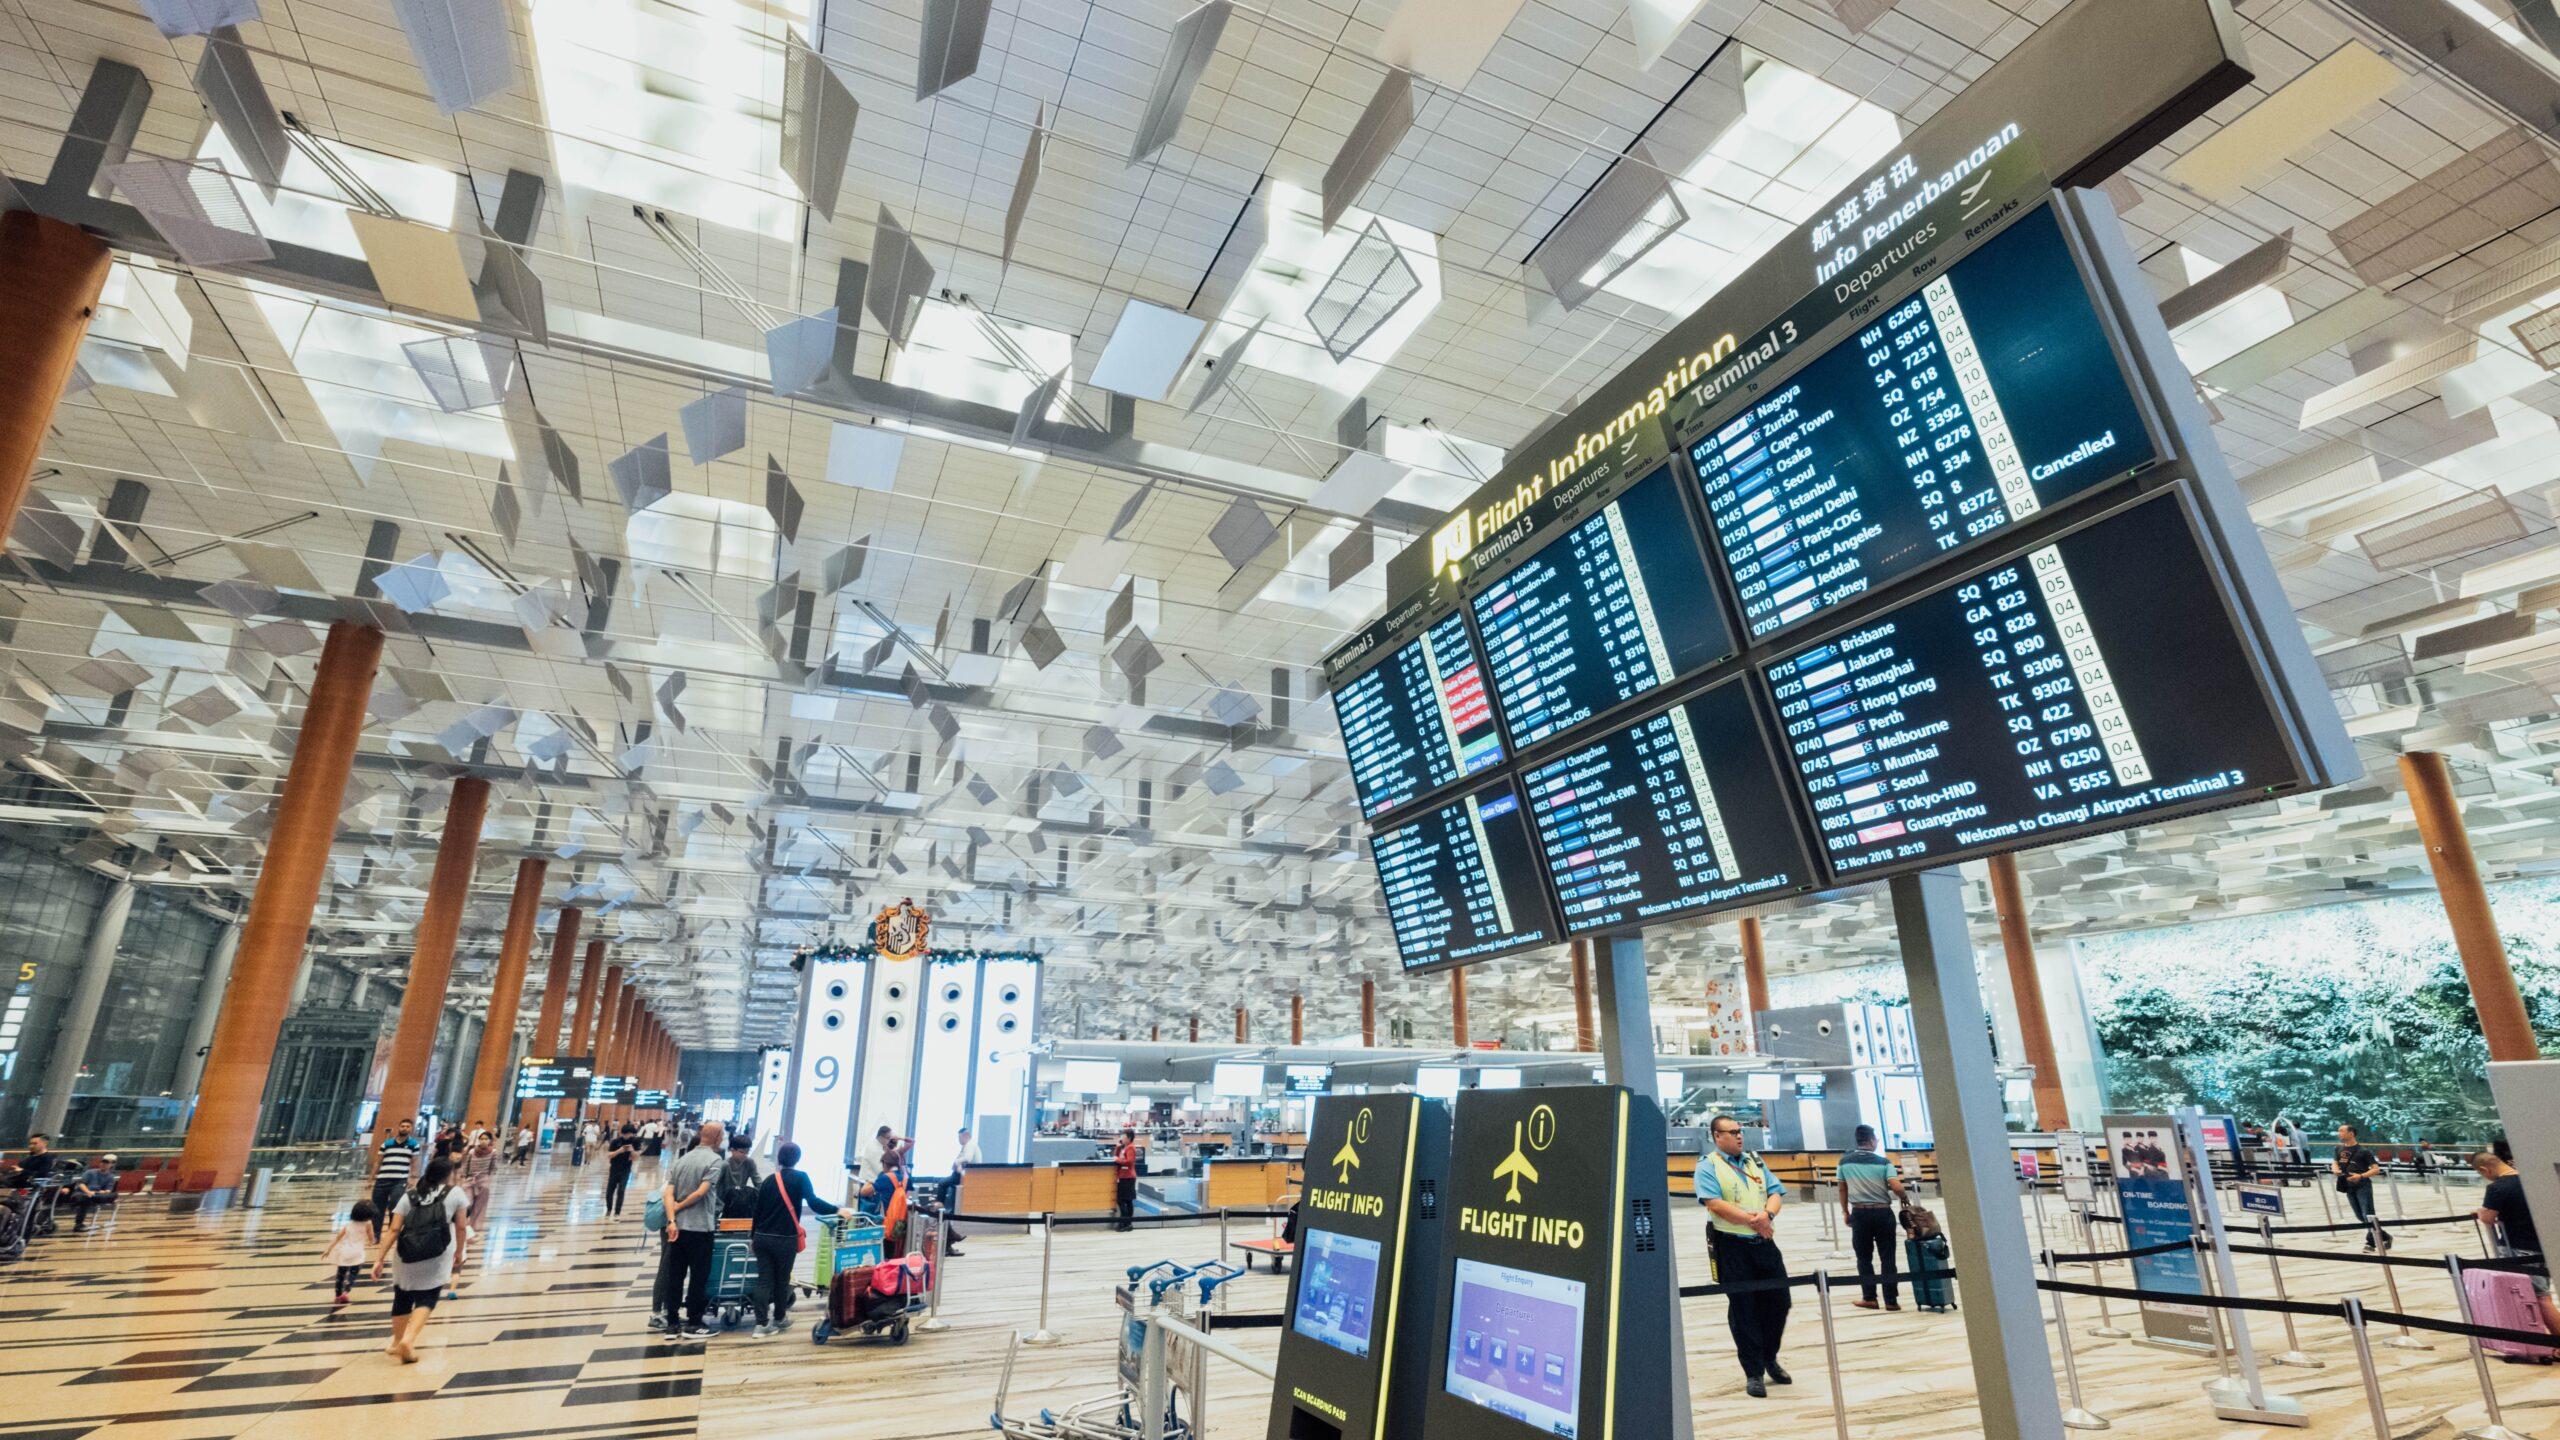 Tech Visa: Portugal acena com visto facilitado a trabalhadores estrangeiros  qualificados